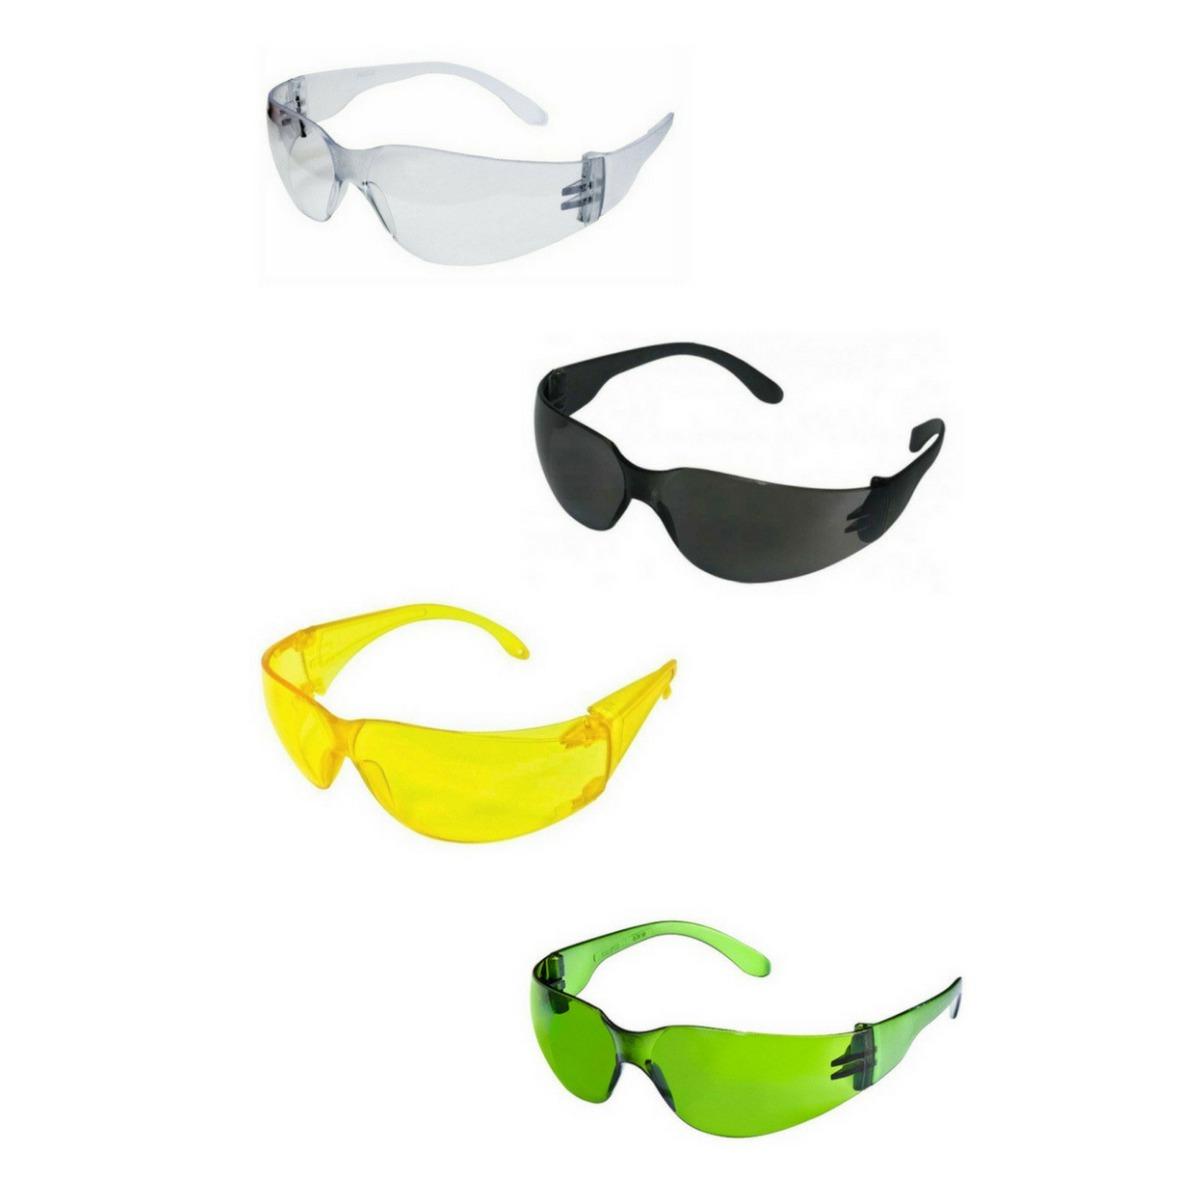 Óculos De Segurança Leopardo Kalipso - R  13,50 em Mercado Livre ee3c30d370